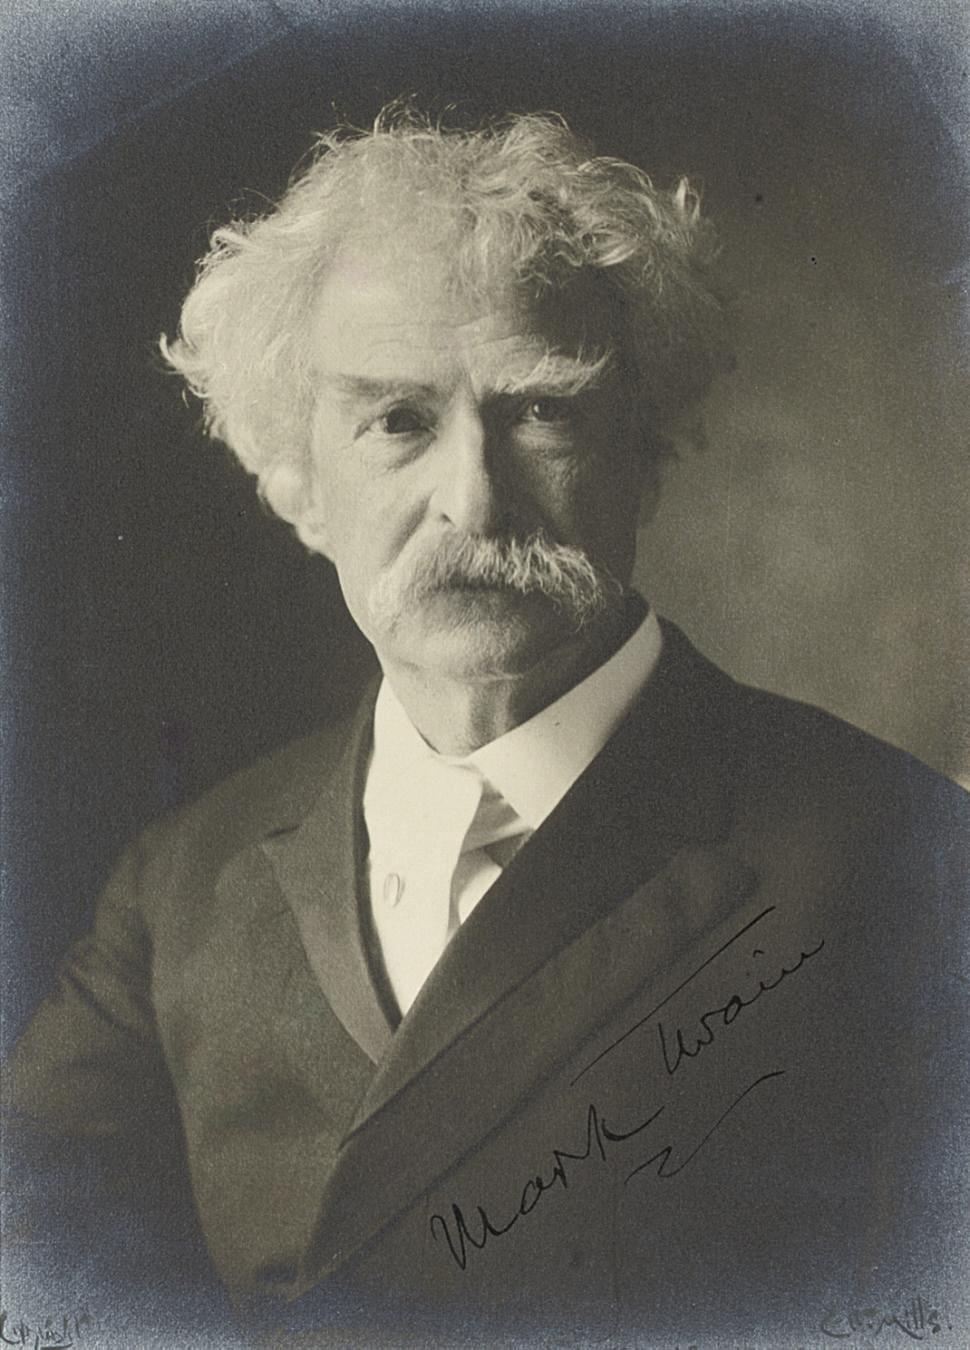 CLEMENS, Samuel L. (